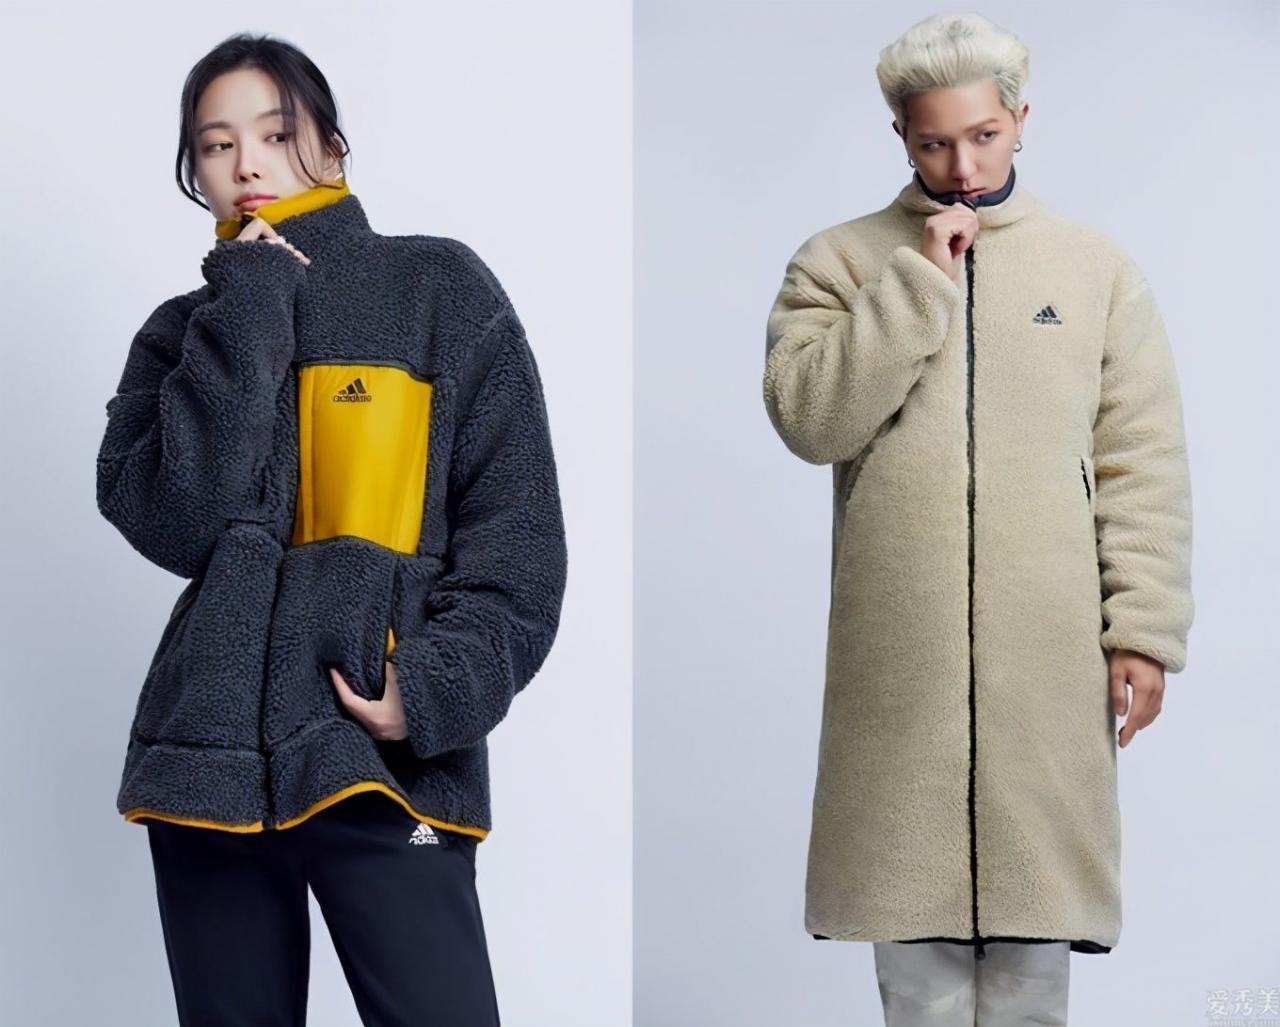 時尚界今年 再一次造成瞭羊毛服飾的時尚潮流,新形勢下階段生態環境保護時尚潮流品